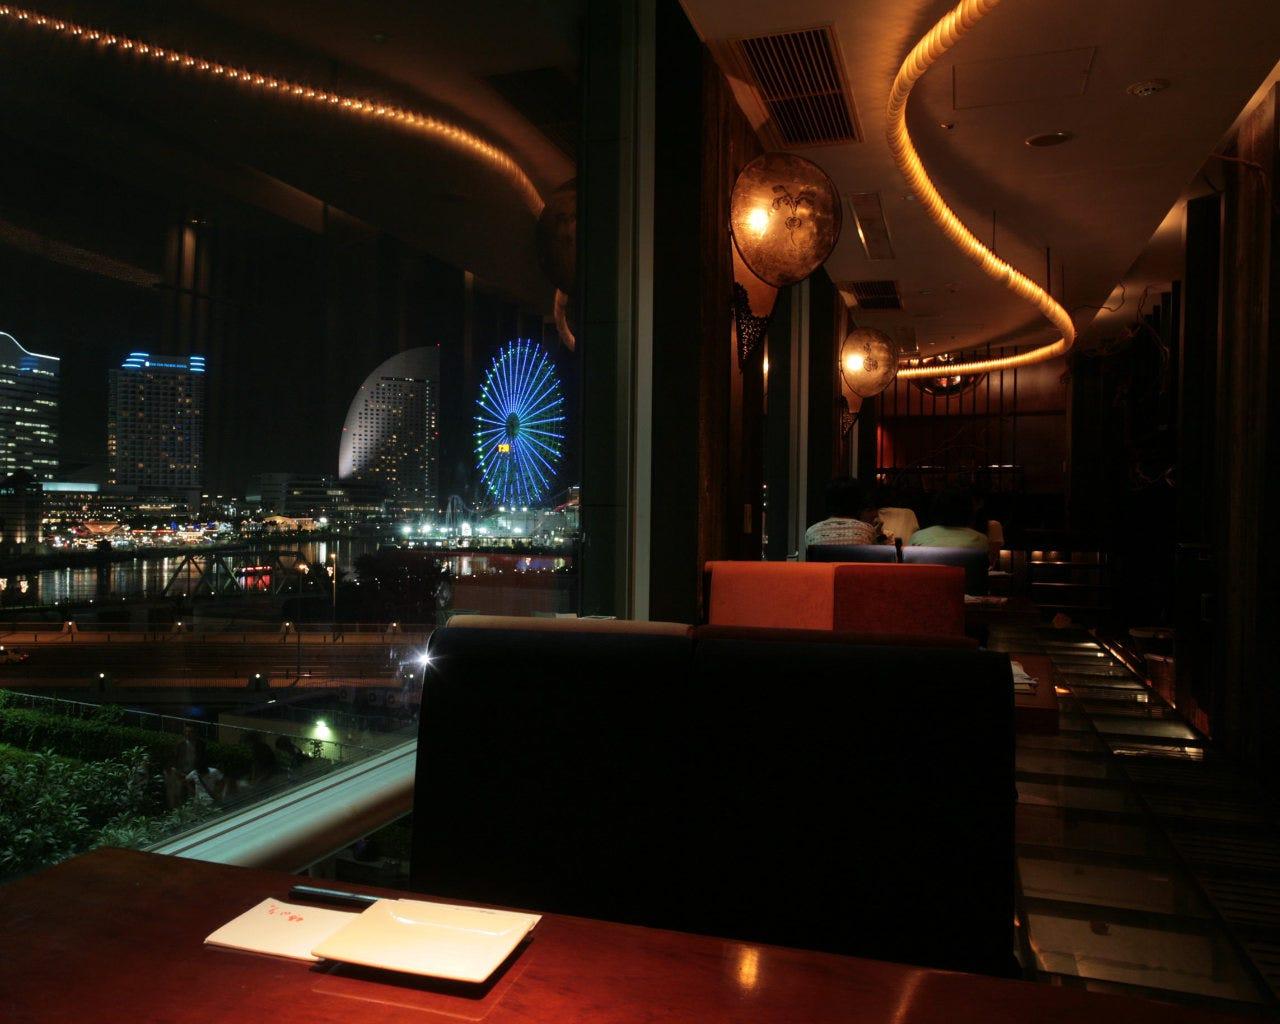 みなとみらい夜景を眺めながらお食事